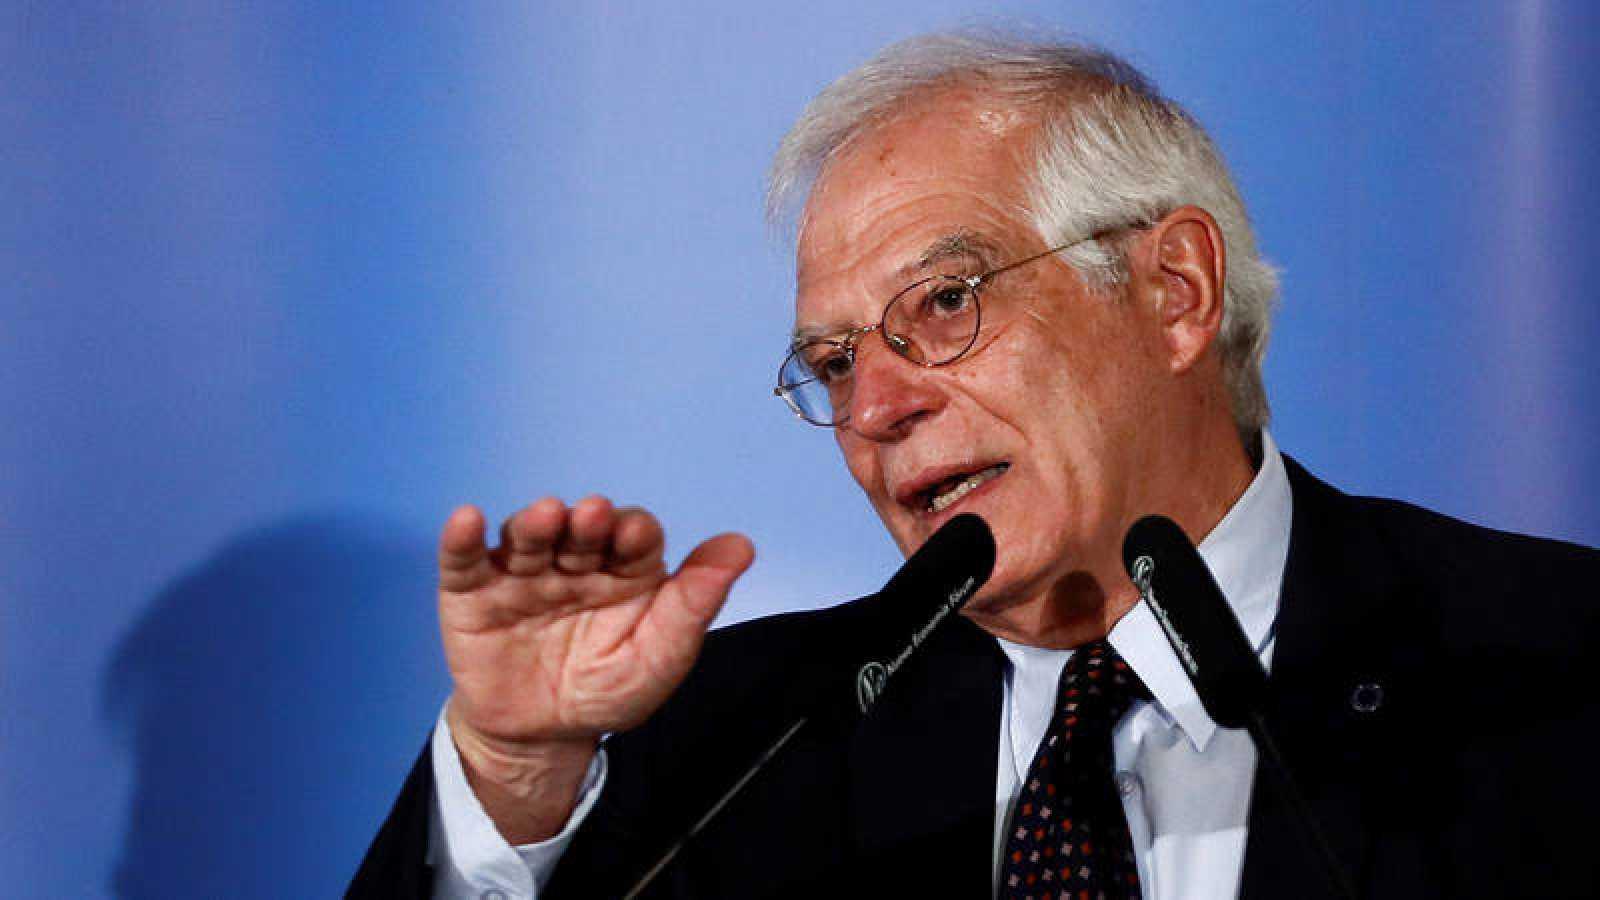 El titular de Asuntos Exteriores, Josep Borrell, durante su intervención en un desayuno informativo en Madrid